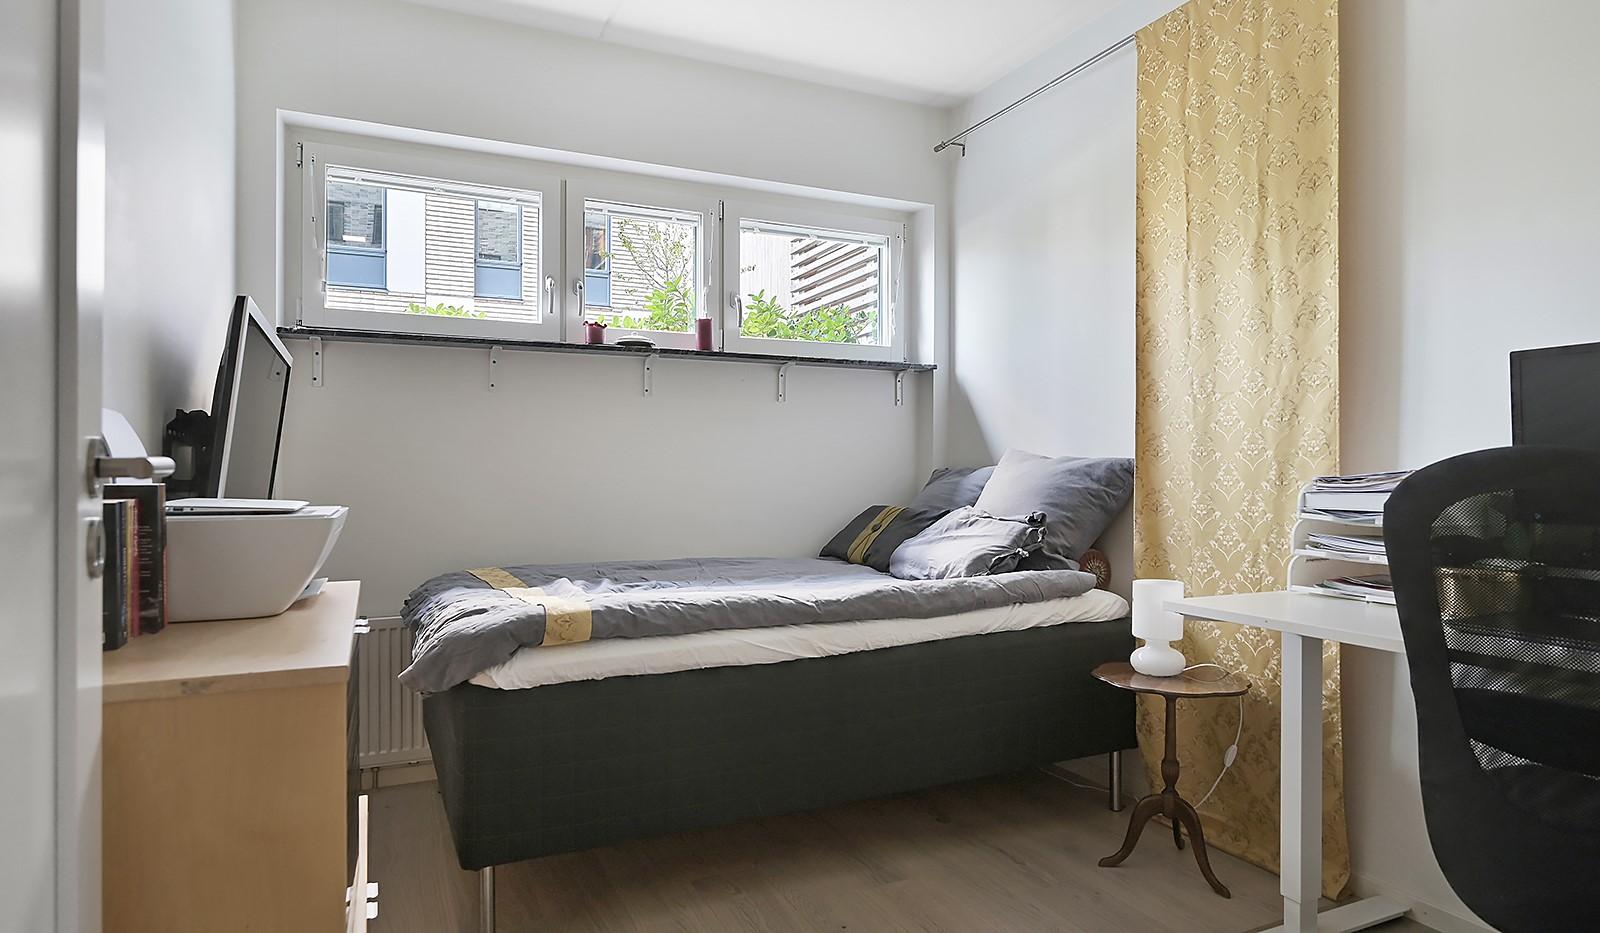 Fredriksdalsgatan 24, vån 2 - Bostadens andra sovrum är även det av en bra storlek